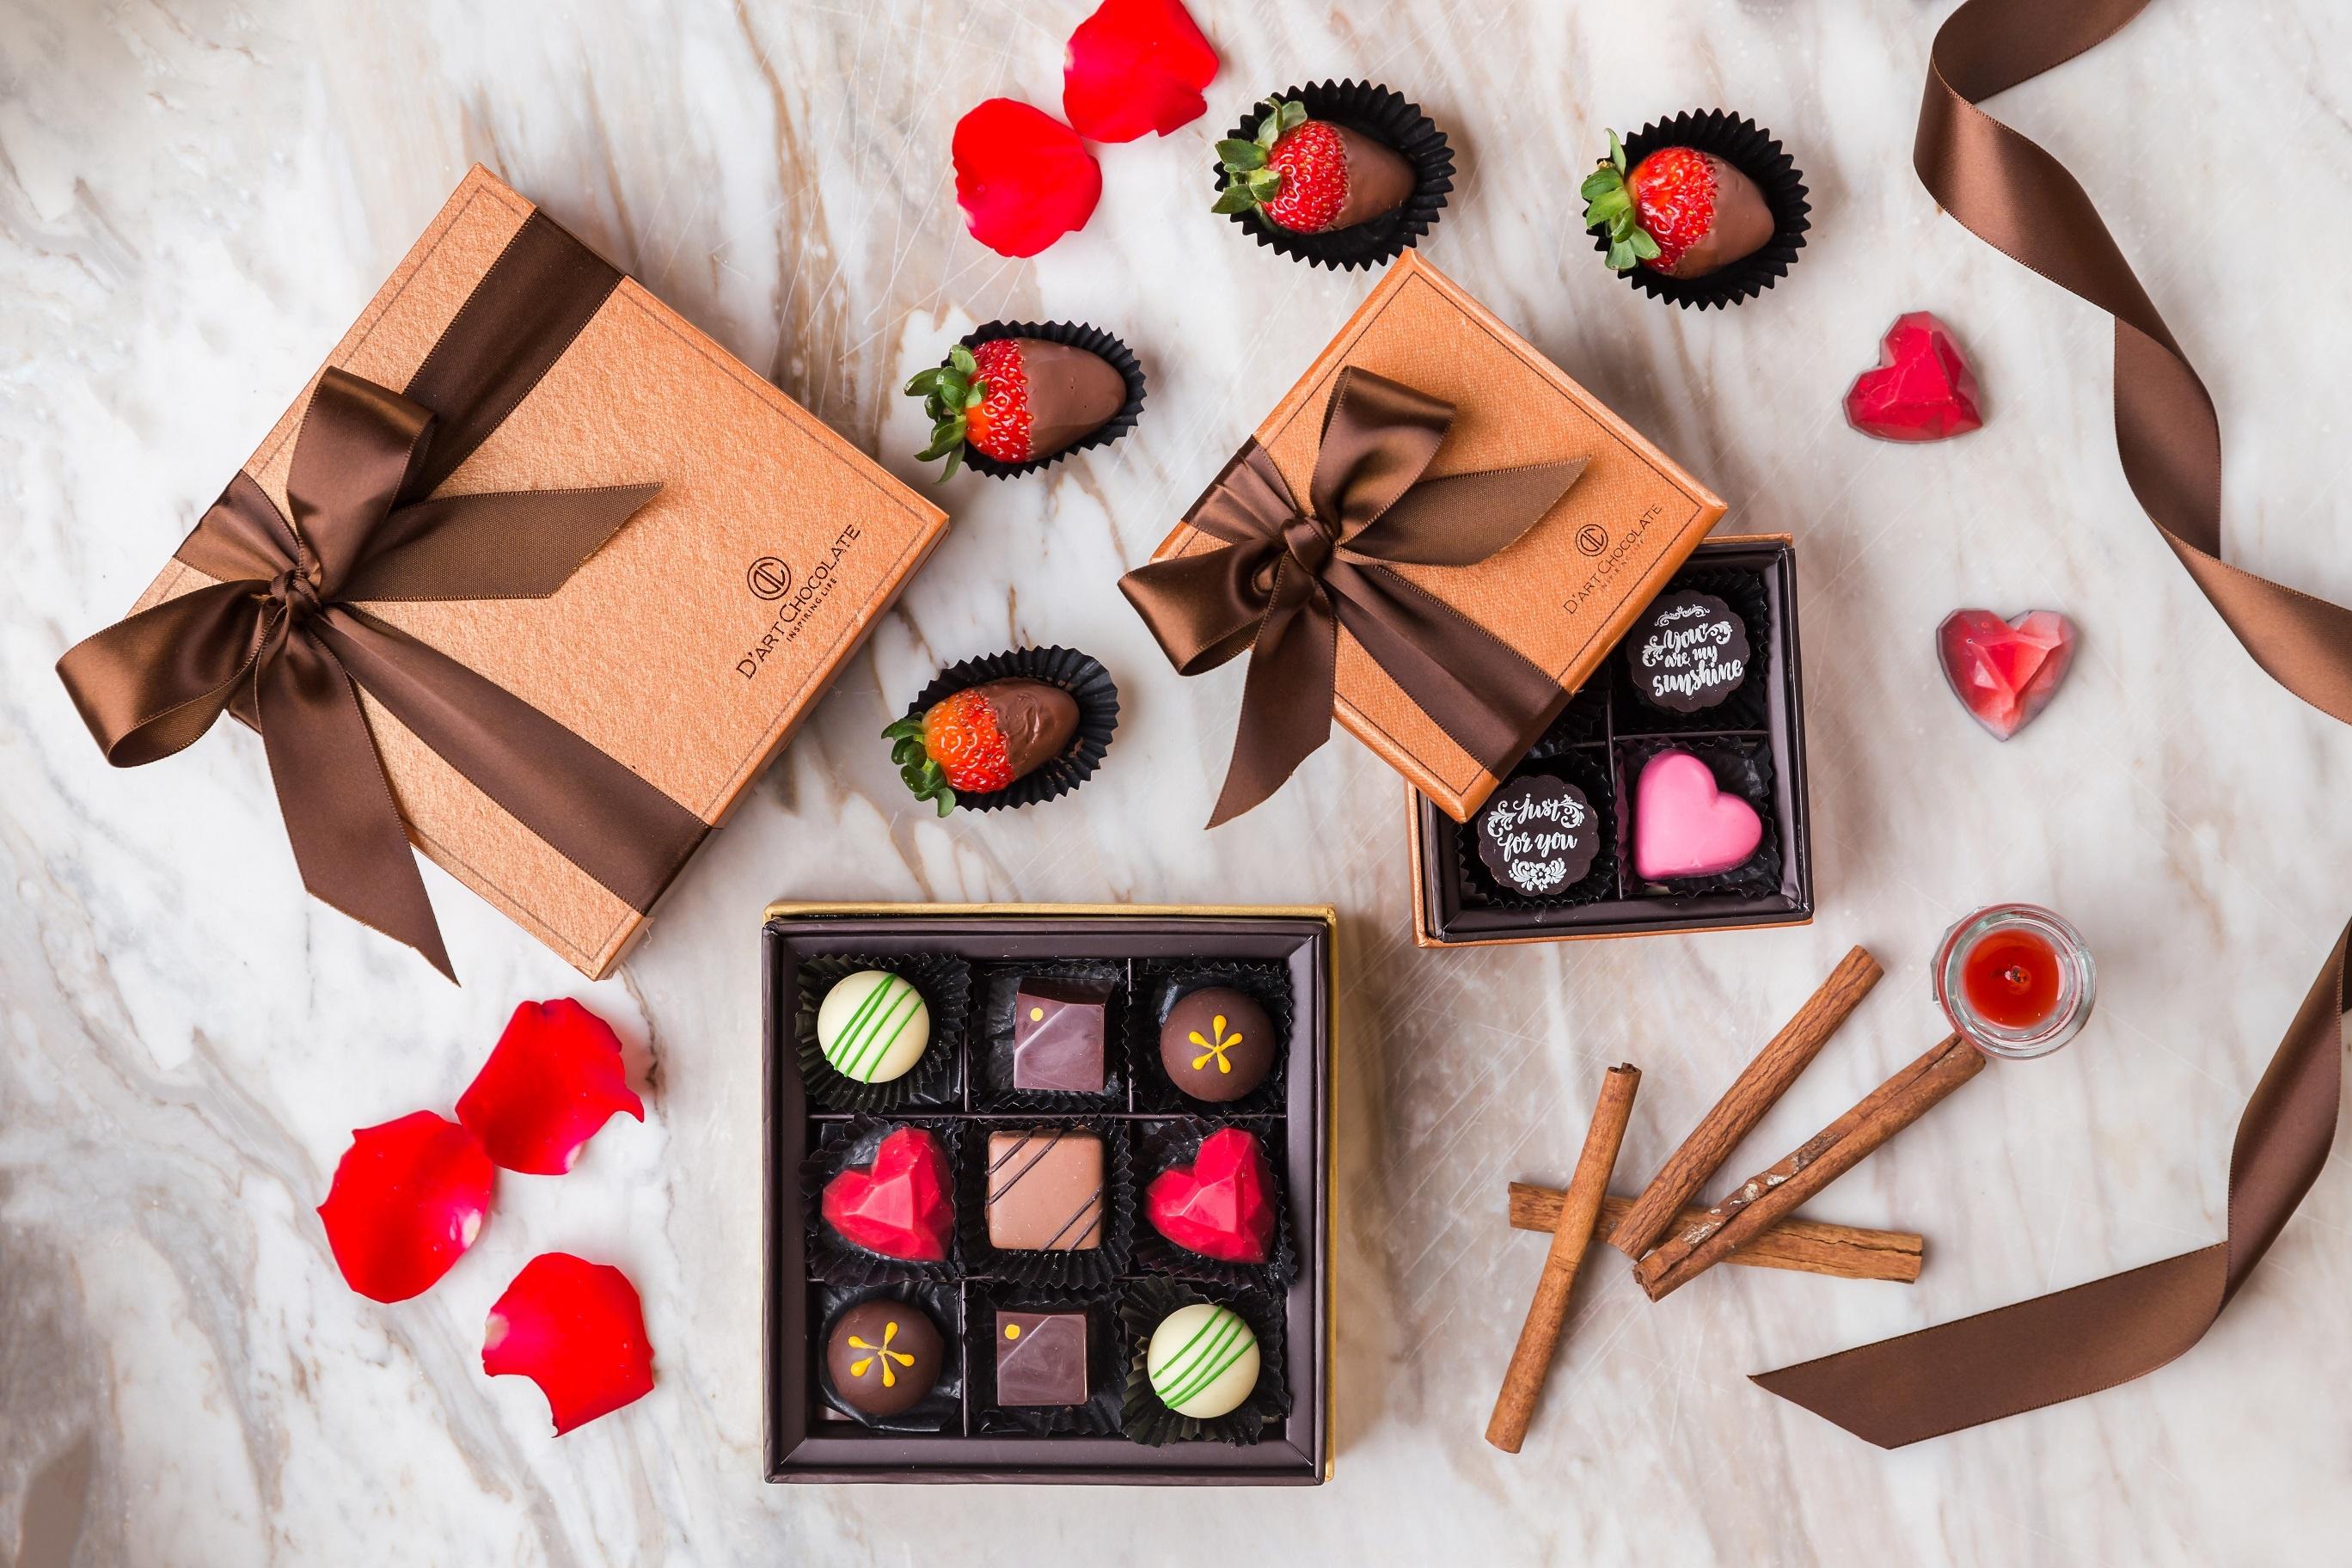 image003 3 - Valentine và những món quà không nên tặng